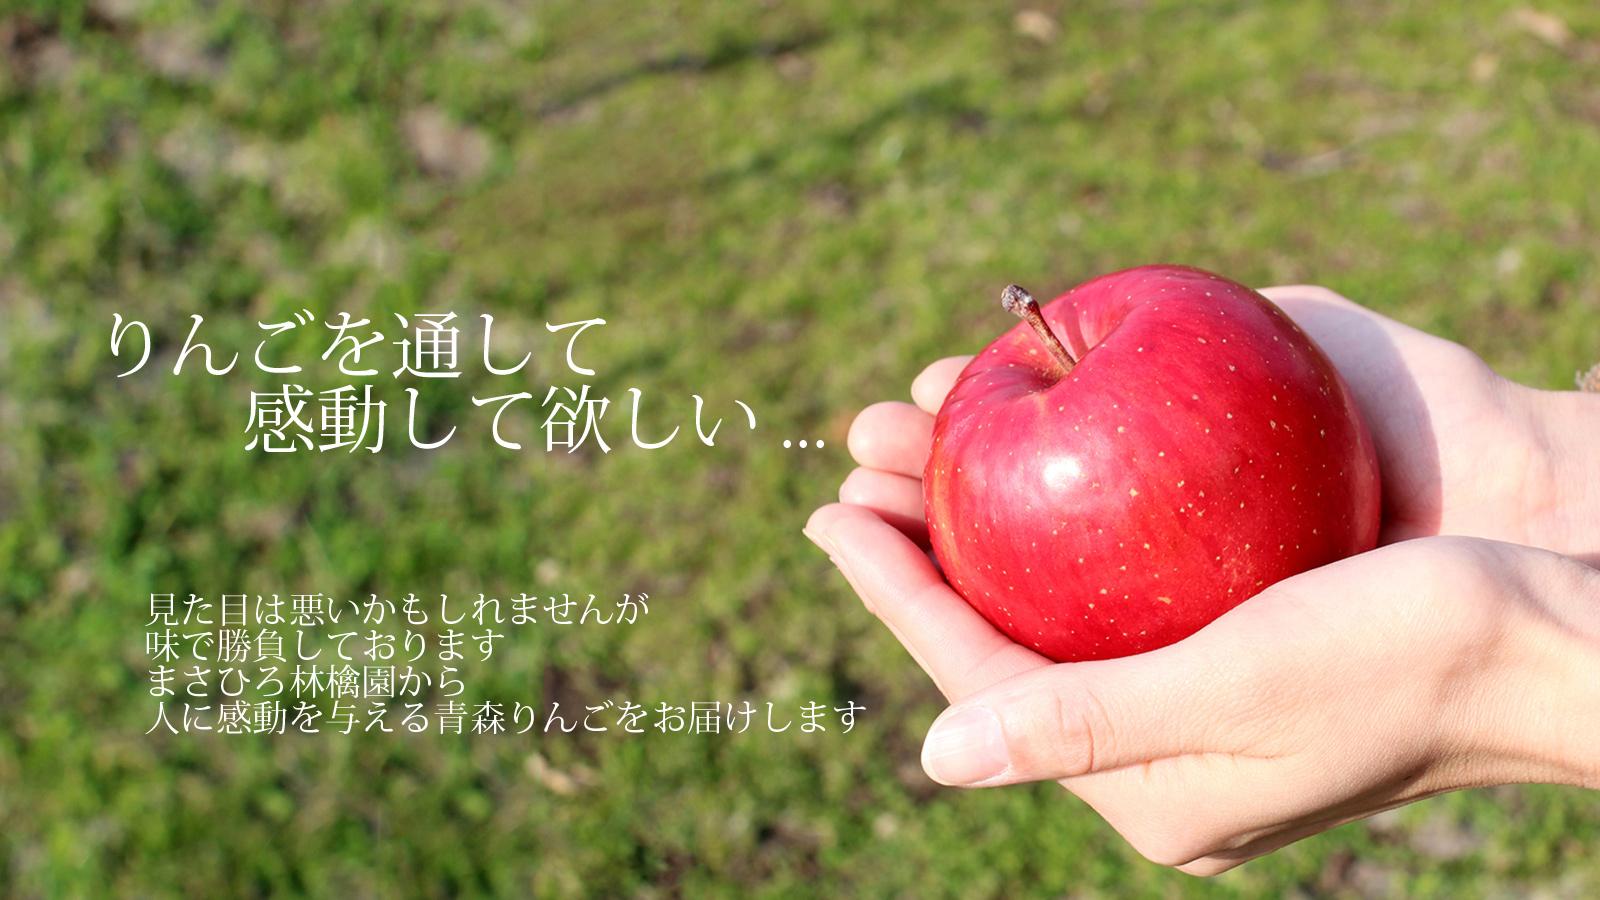 りんごを通して感動してほしい…見た目は悪いかもしれませんが、味で勝負しております。まさひろ林檎園から人に感動を与える青森りんごをお届けします。